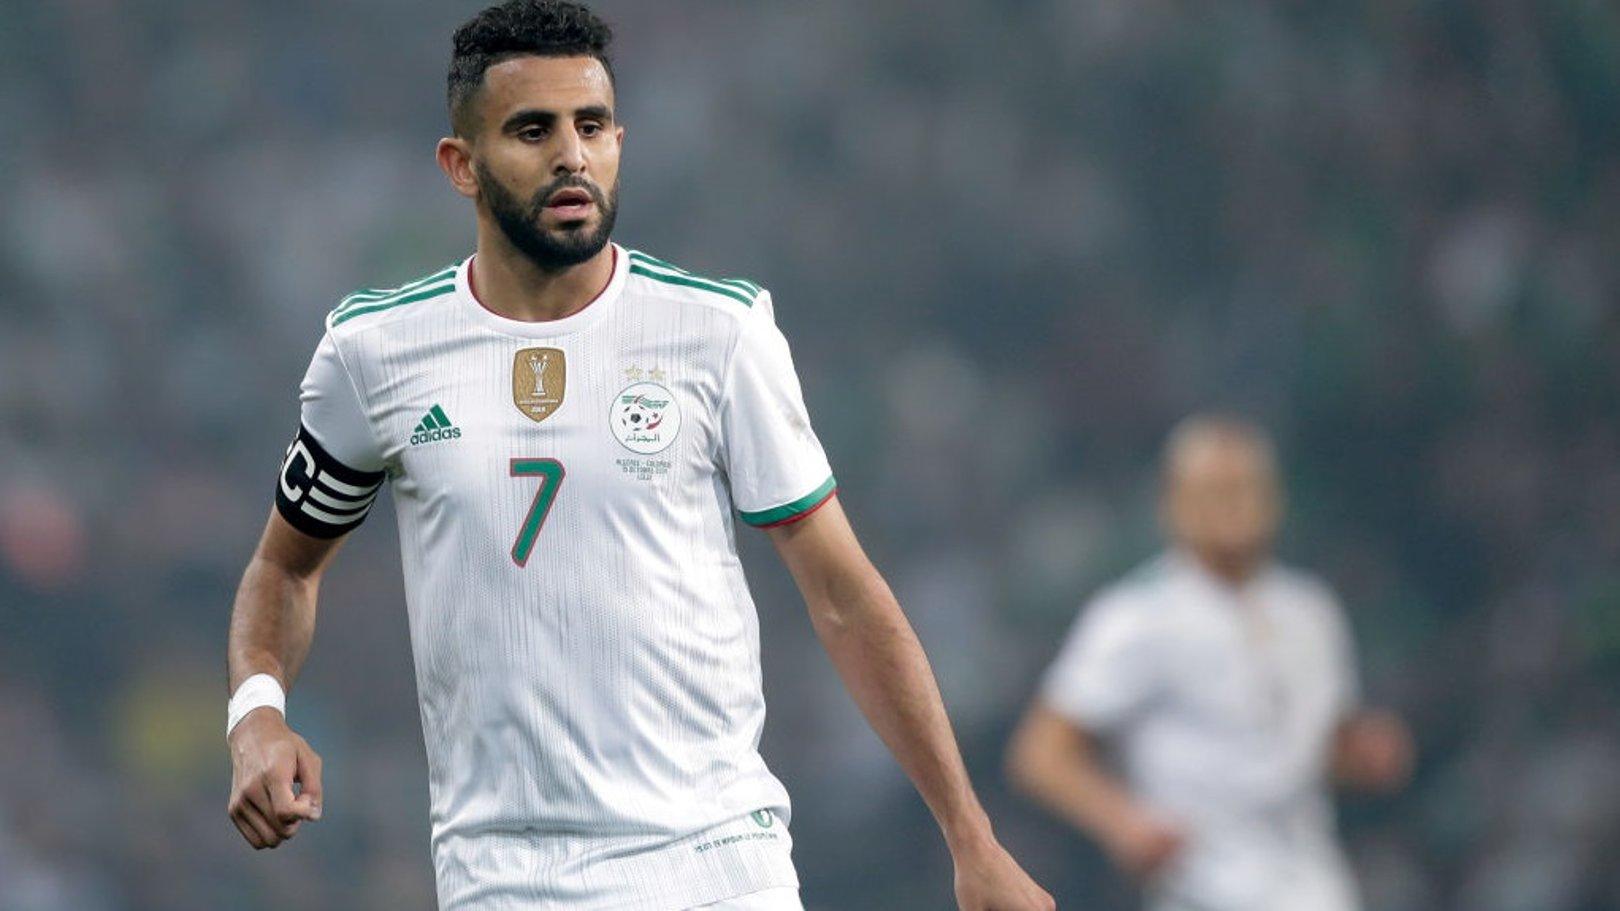 محرز يسجل هدفا رائعا في تعادل الجزائر مع زيمبابوي